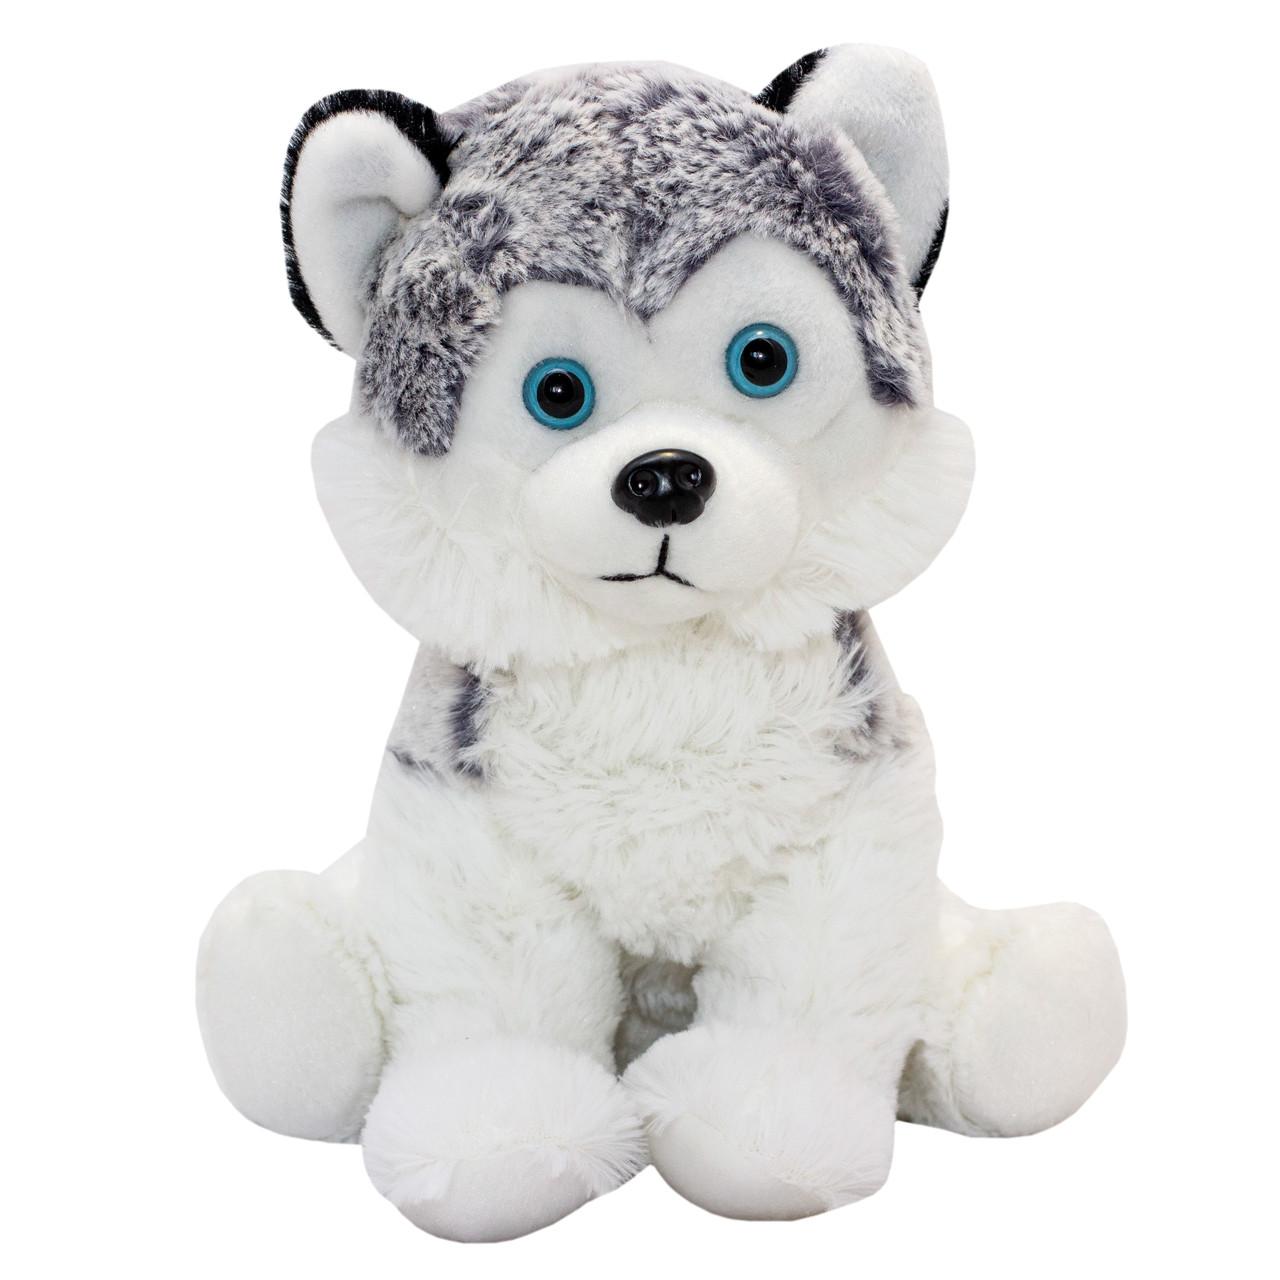 Мягкая игрушка ХАСКИ, 23 см, белая (164656/3)